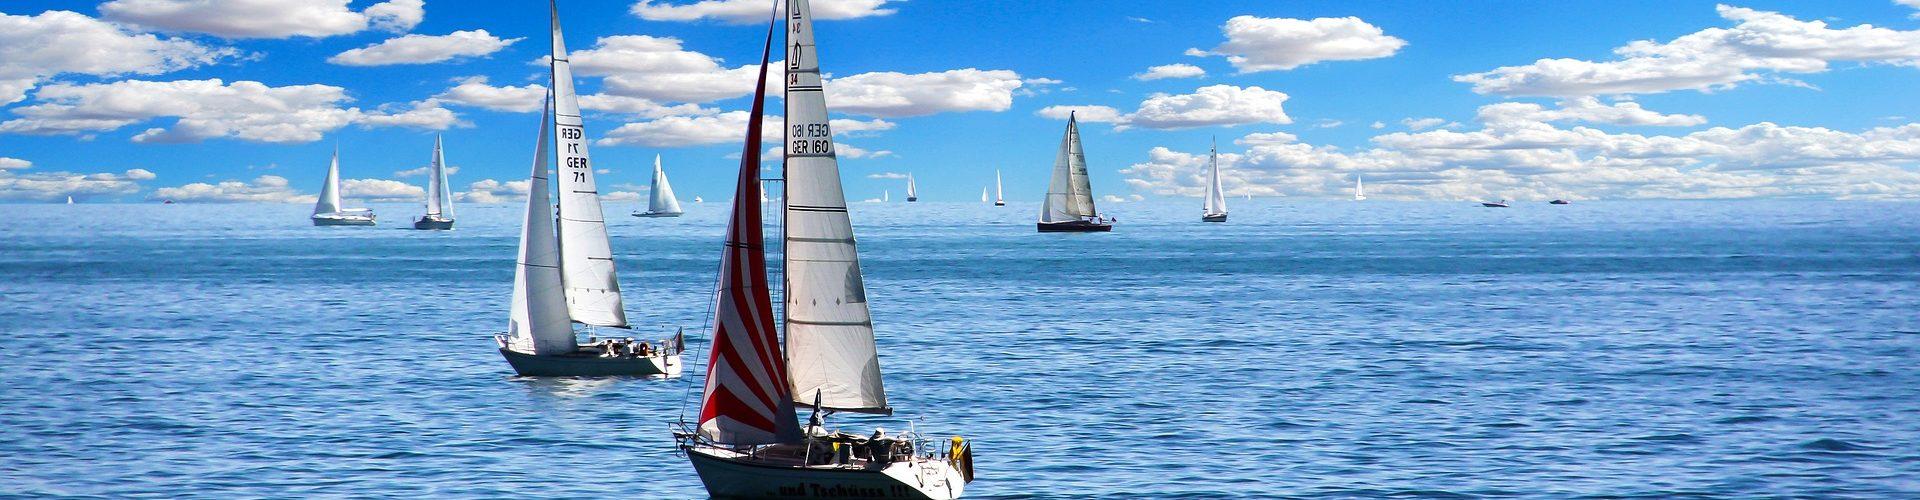 segeln lernen in Göhren segelschein machen in Göhren 1920x500 - Segeln lernen in Göhren